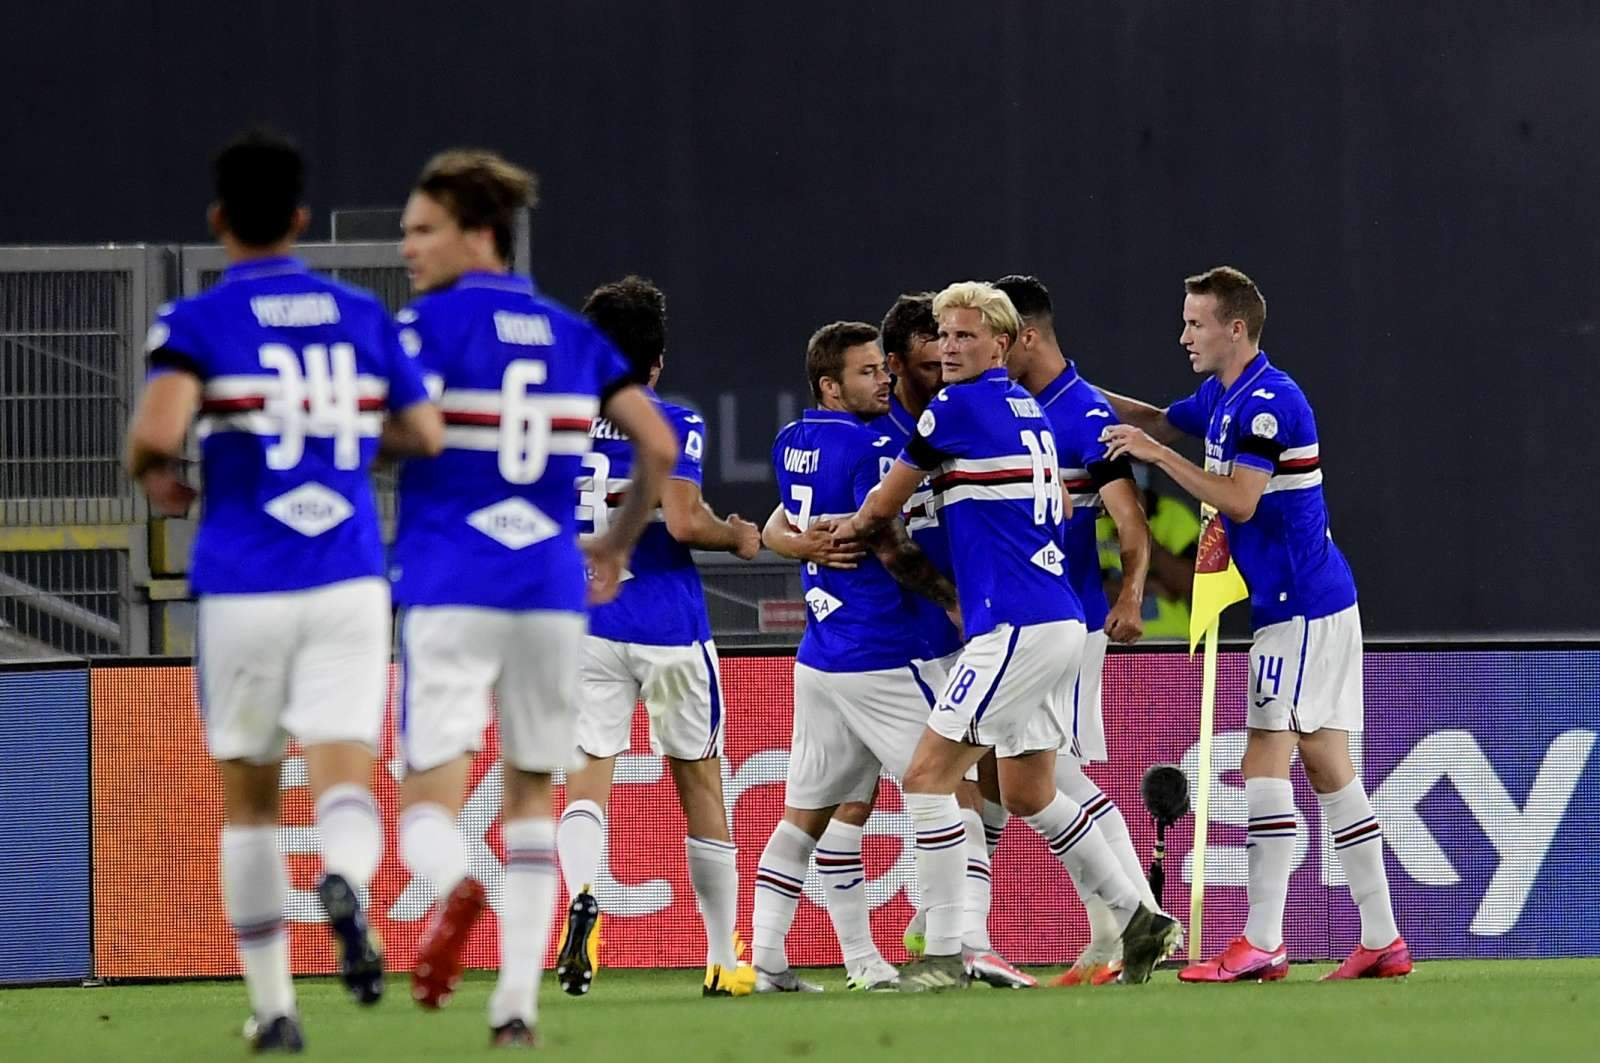 «Сампдория» - «Алессандрия»: прогноз на матч 1/32 финала Кубка Италии - 16 августа 2021